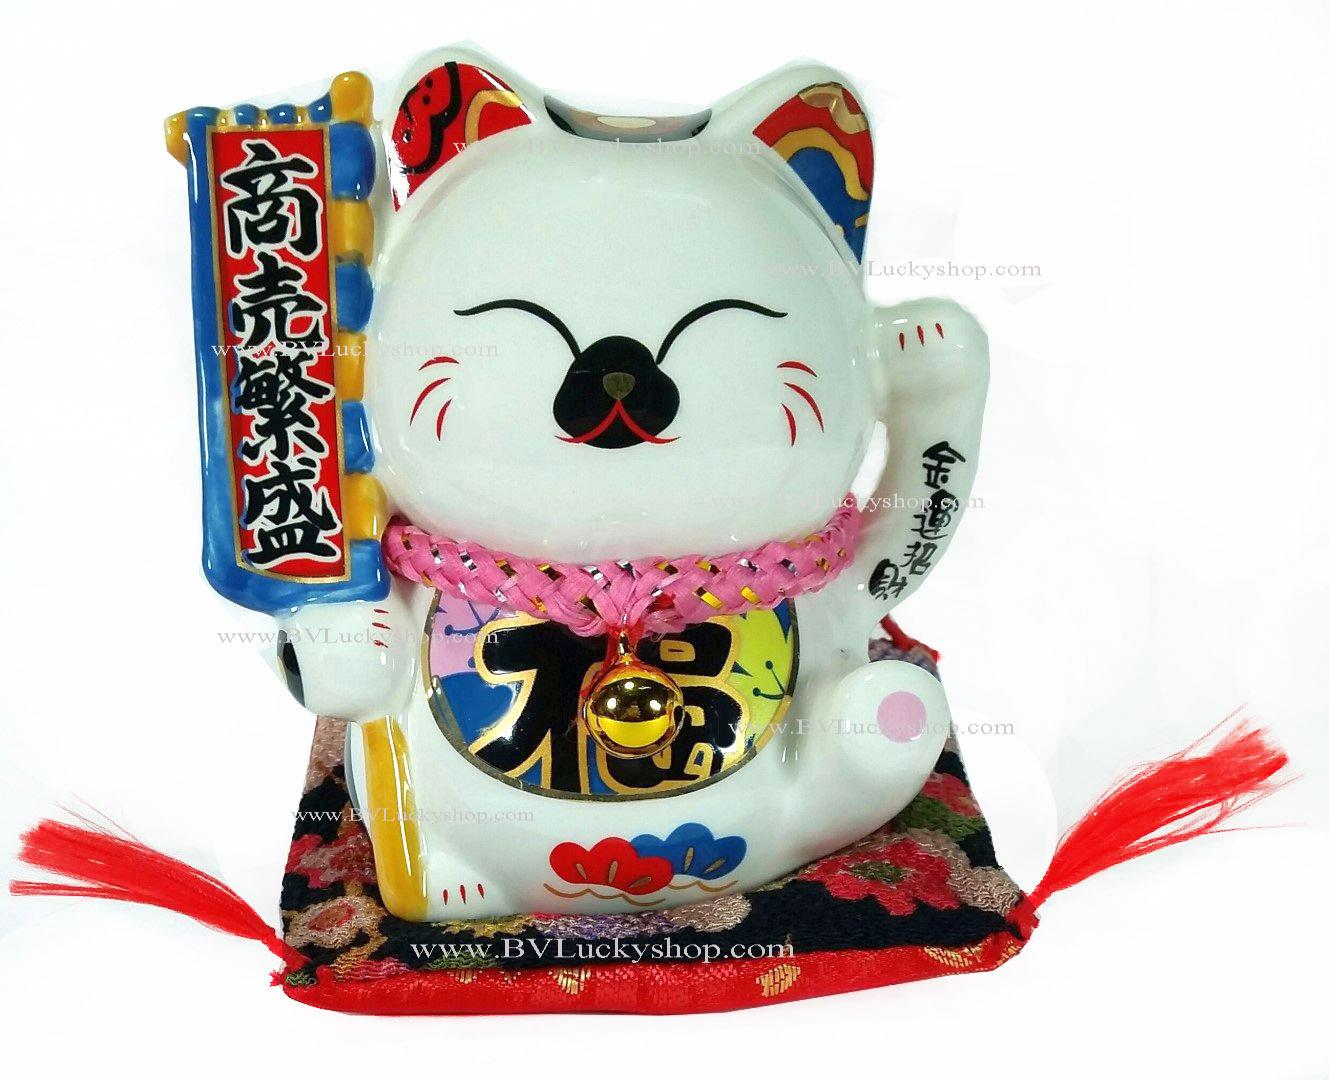 """แมวนำโชค แมวกวัก สูง4นิ้ว ถือธง""""ธุรกิจเจริญรุ่งเรือง"""" [5019]"""